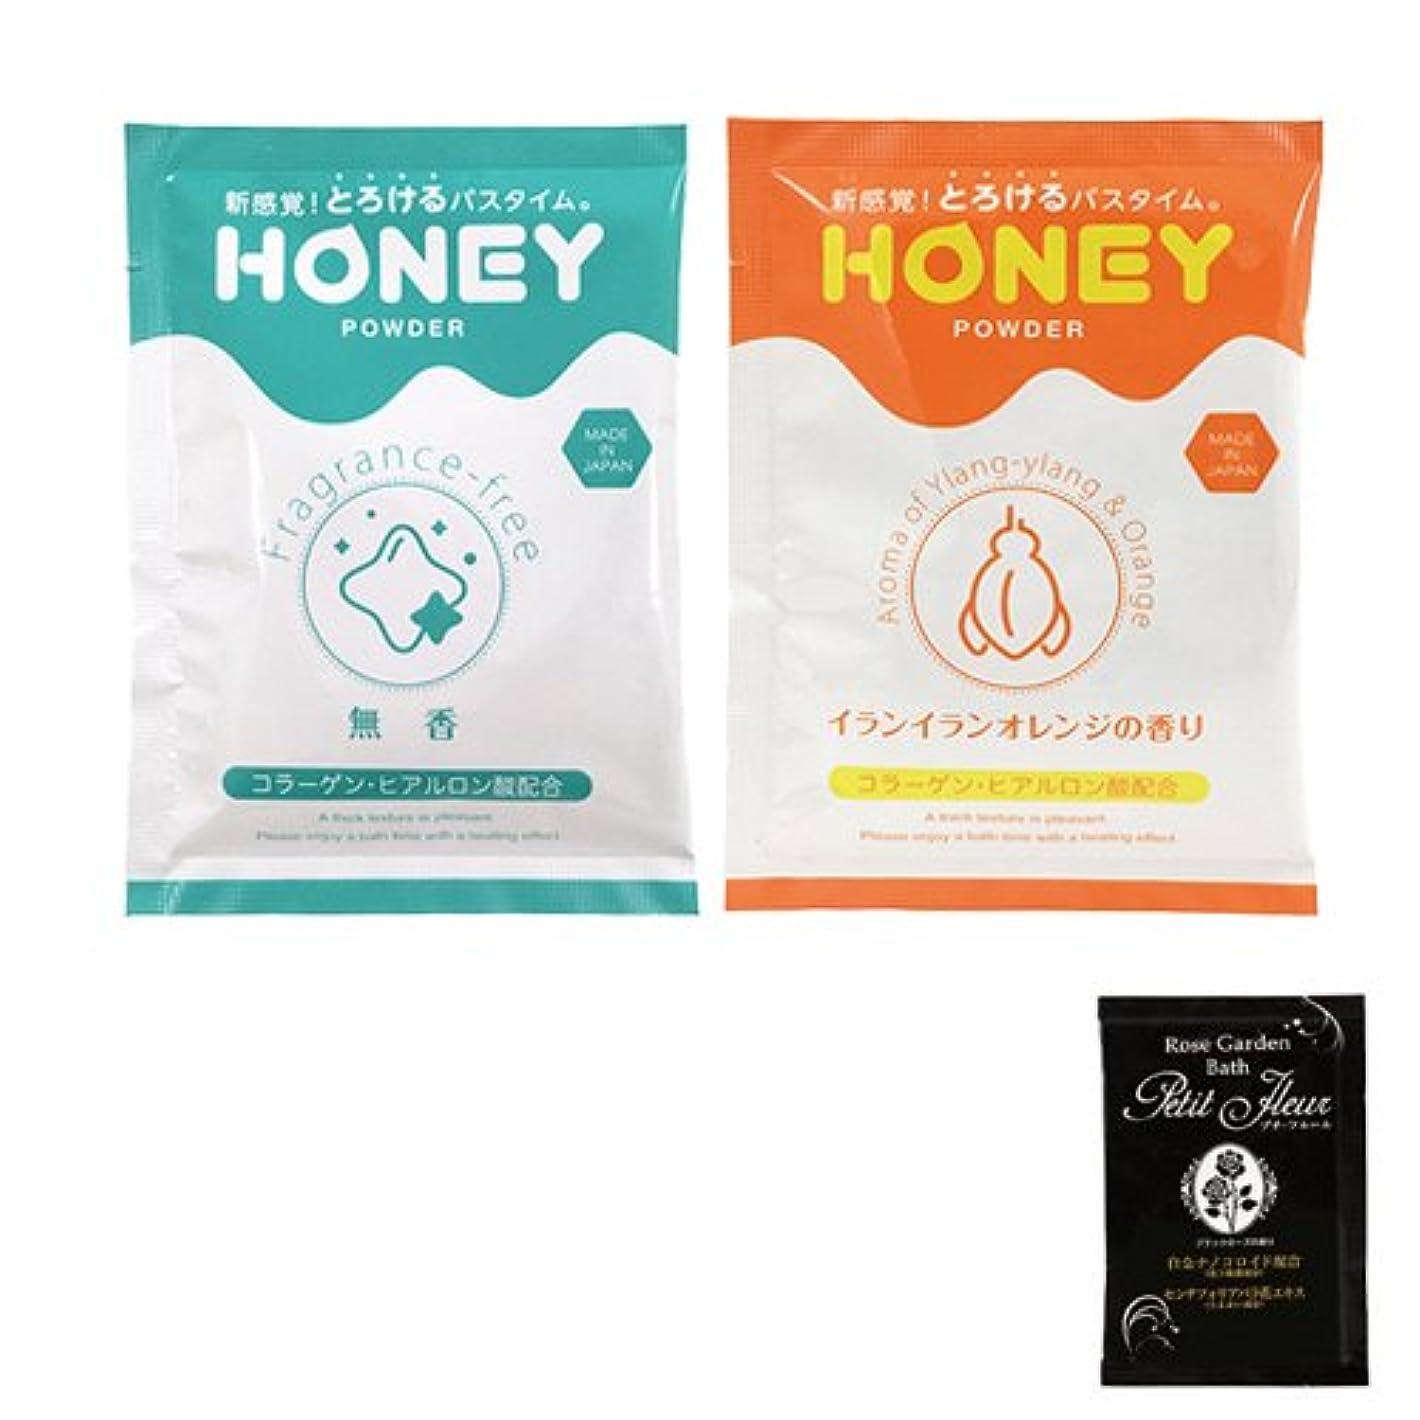 険しい見る配偶者とろとろ入浴剤【honey powder】粉末タイプ イランイランオレンジの香り + 無香 + 入浴剤(プチフルール)1回分